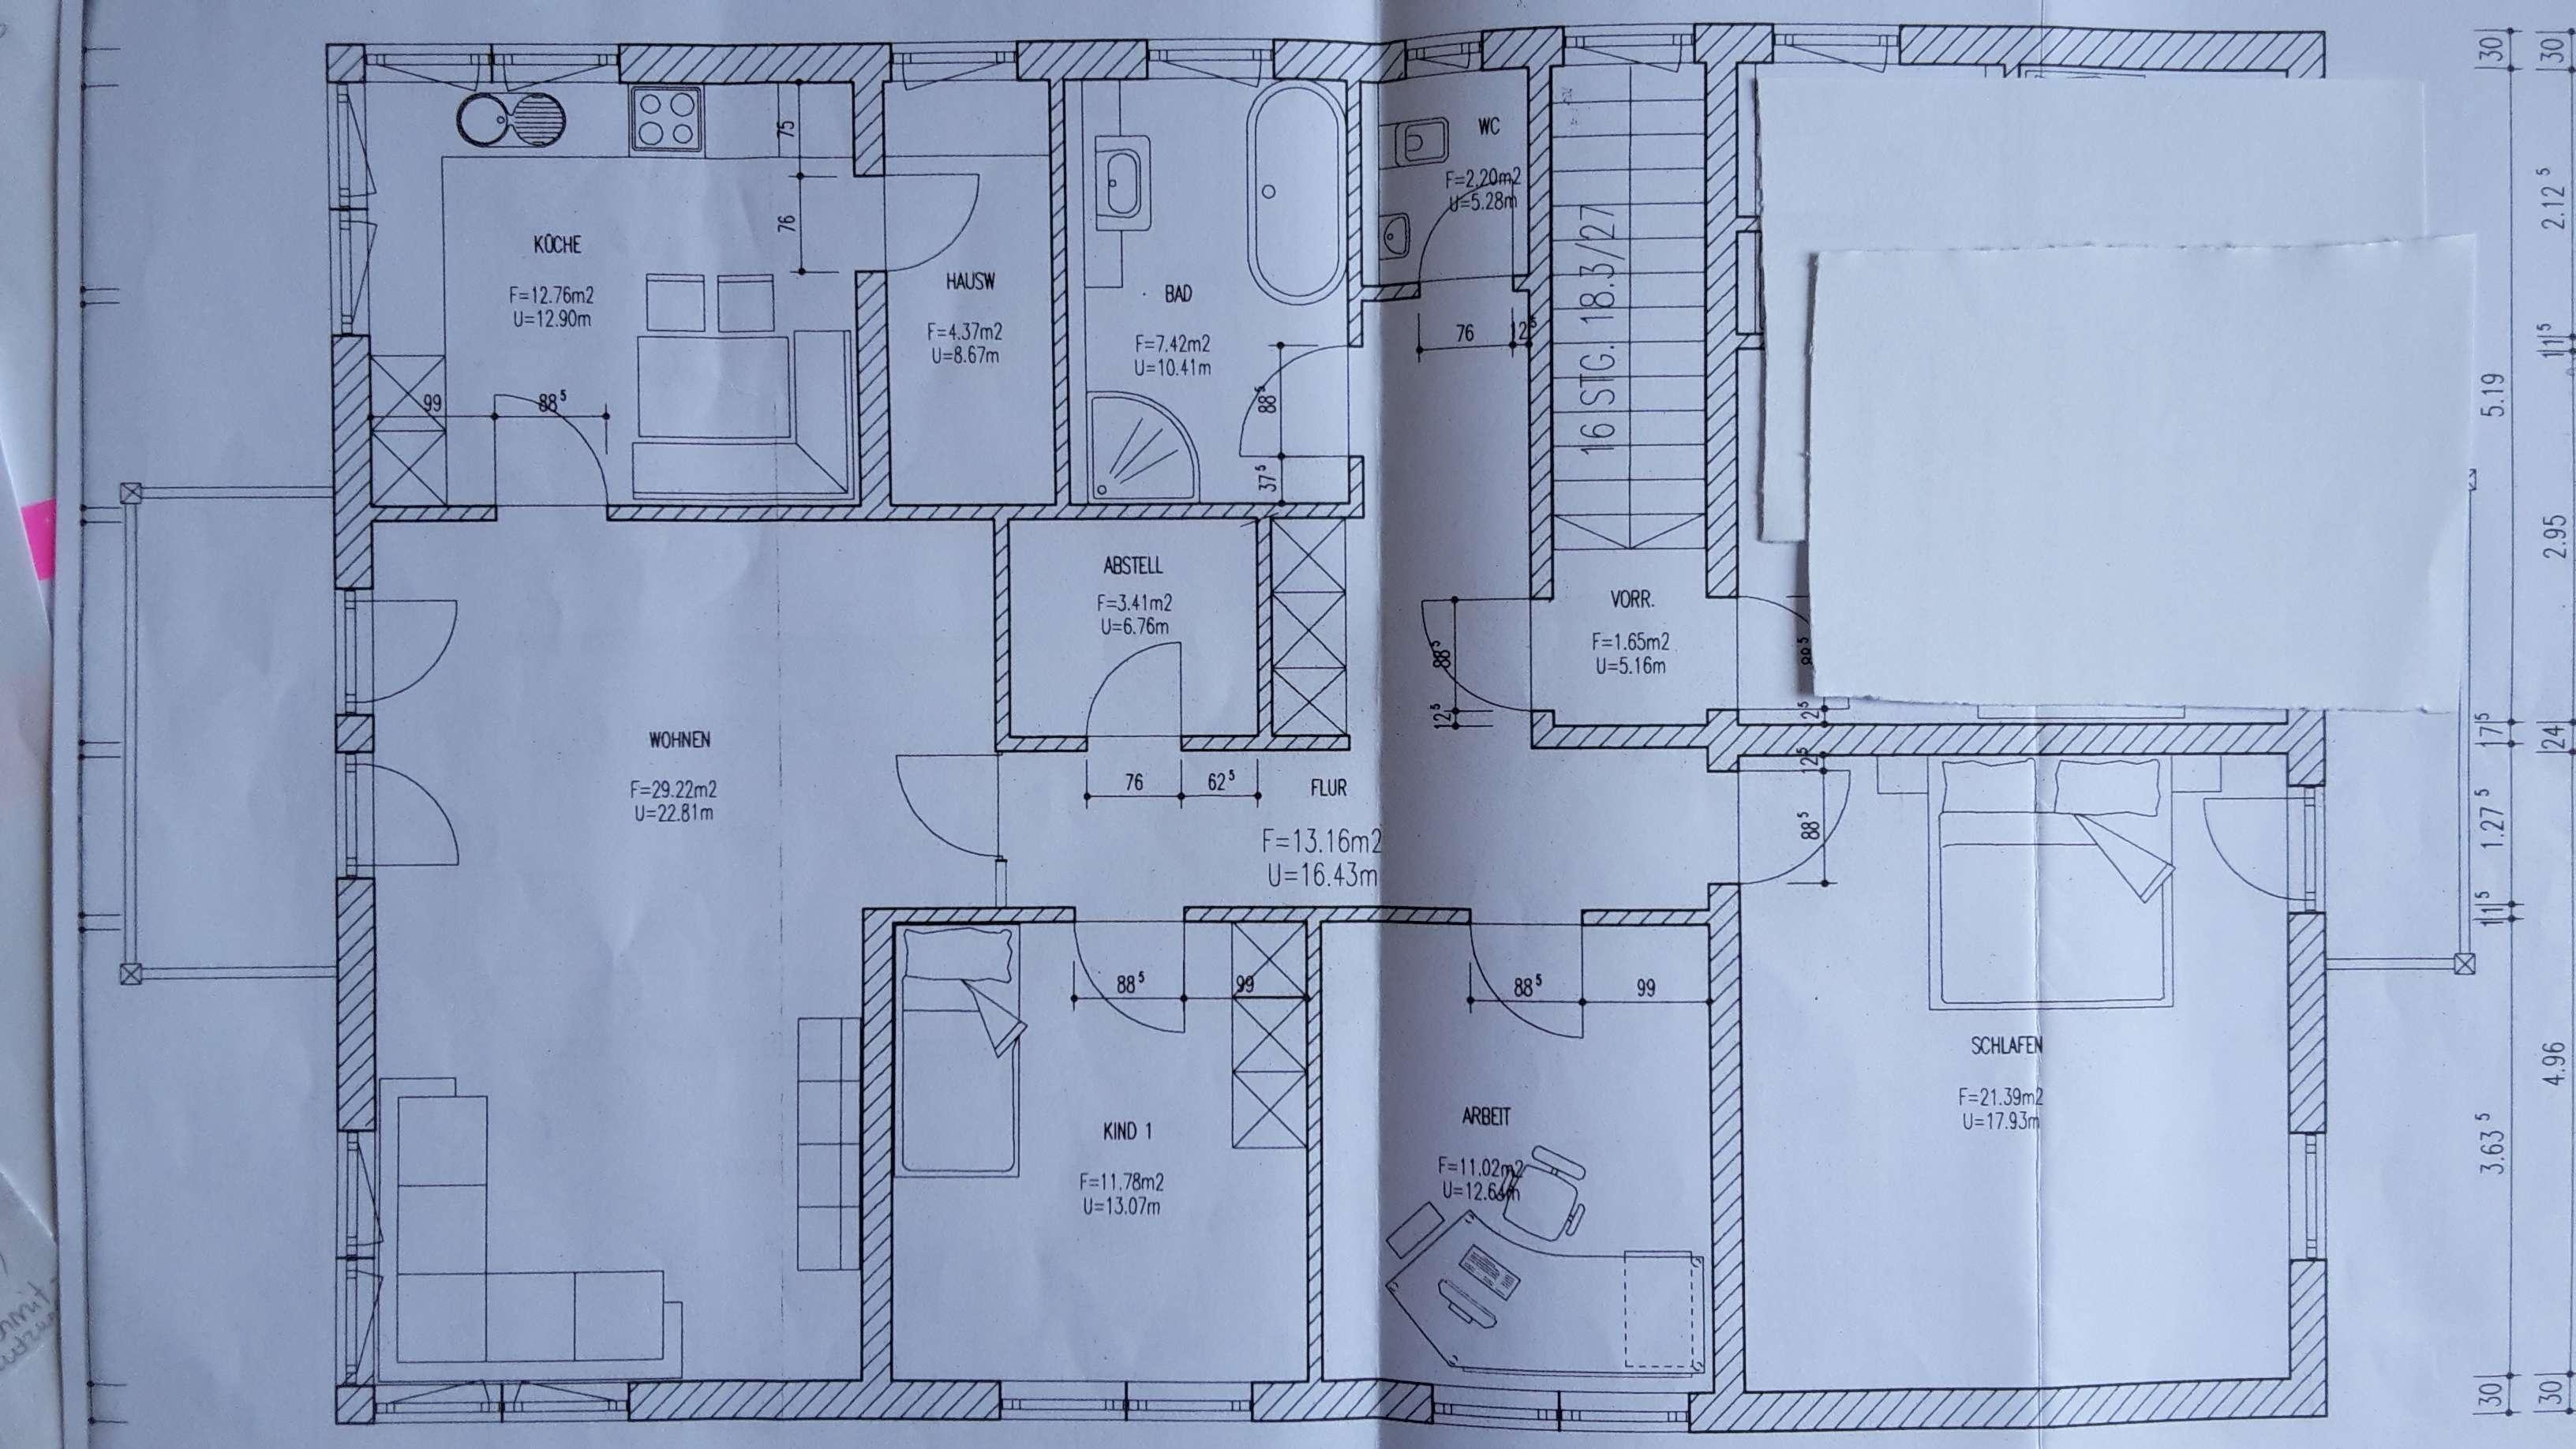 Gepflegte 4-Zimmer-DG-Wohnung mit Balkon und EBK in Seeon-Seebruck in Seeon-Seebruck (Traunstein)